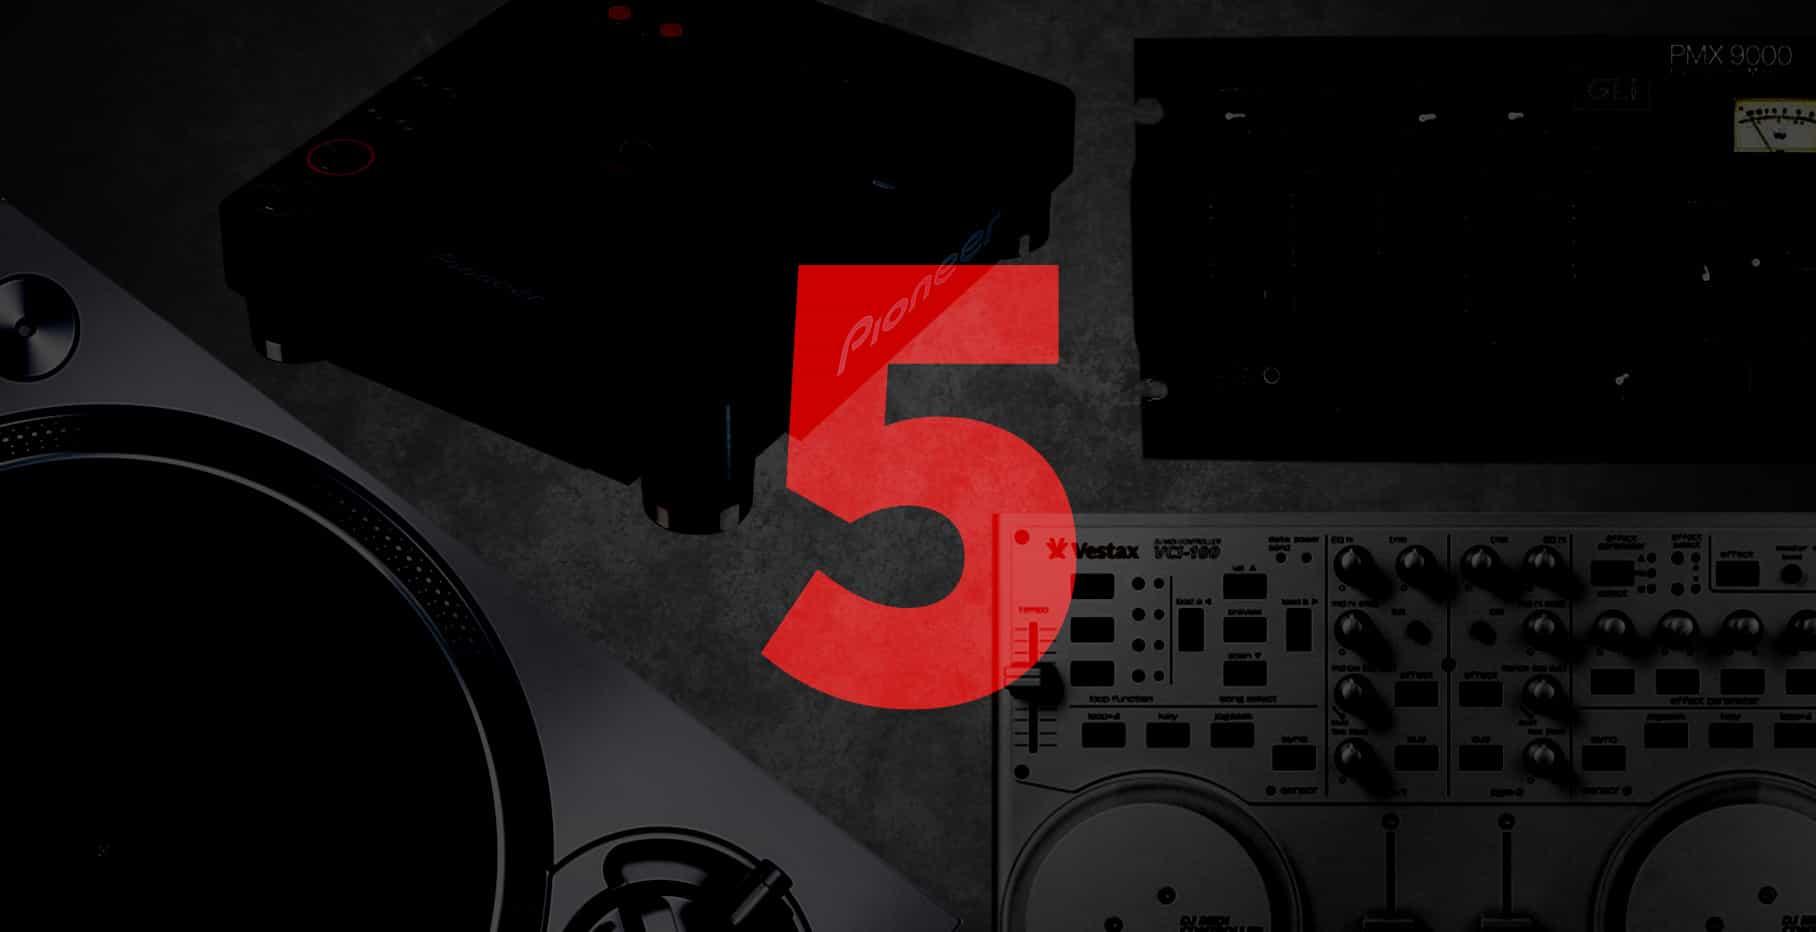 Los 5 productos que marcaron la historia del DJ 31